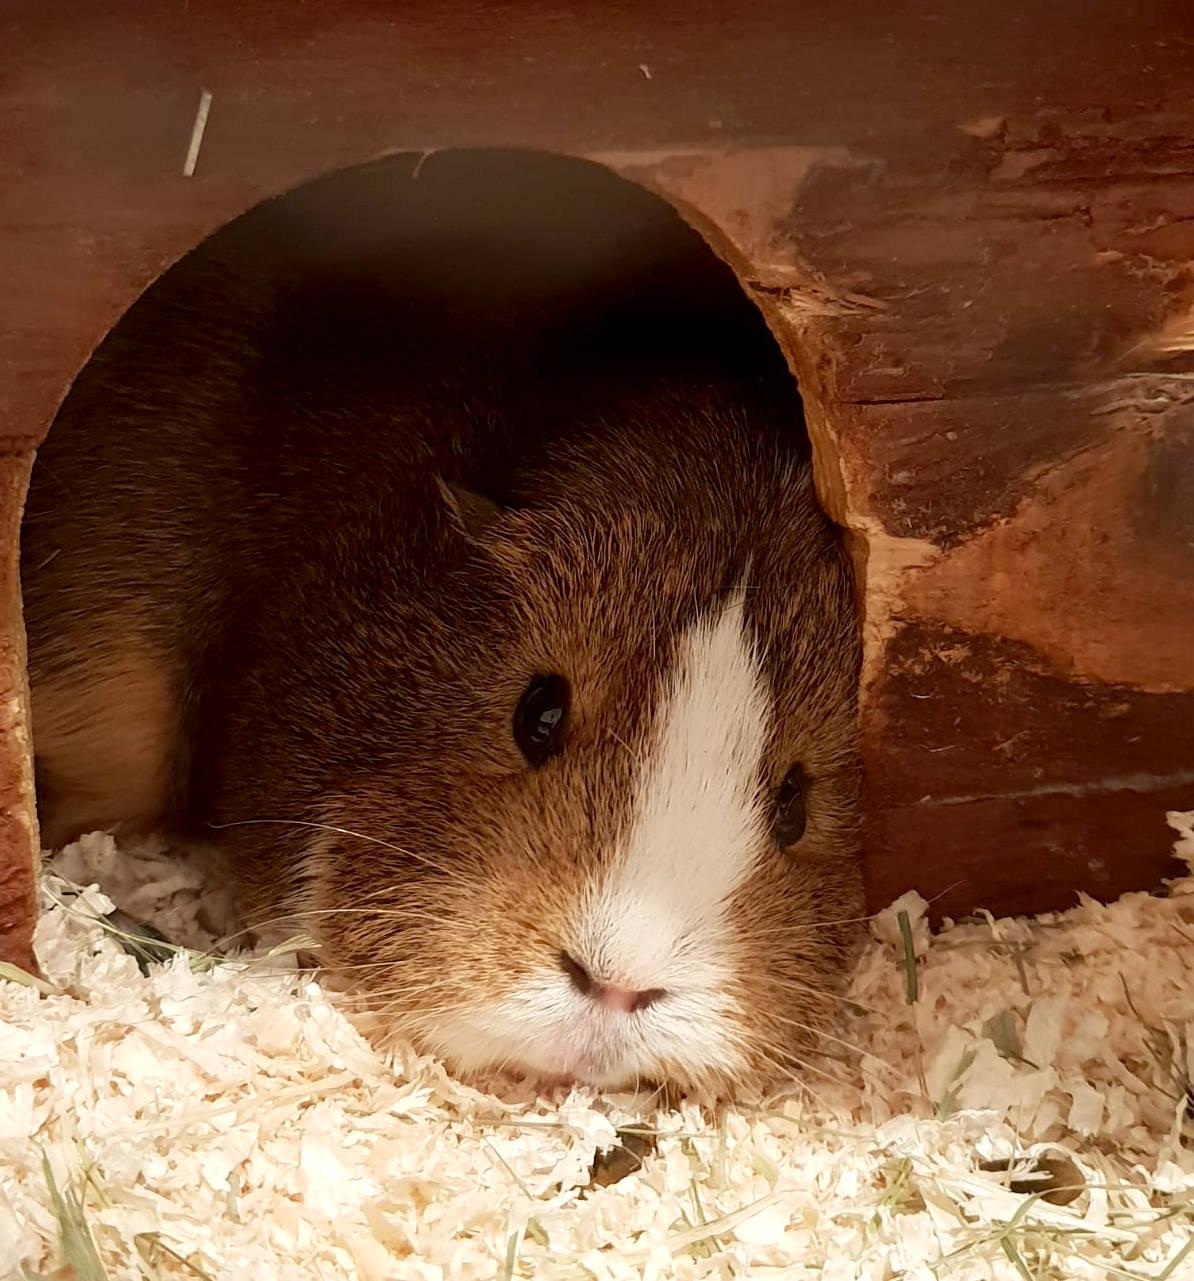 Meerschwein liegt in der Tür zu seinem Häuschen und wirkt ermattet